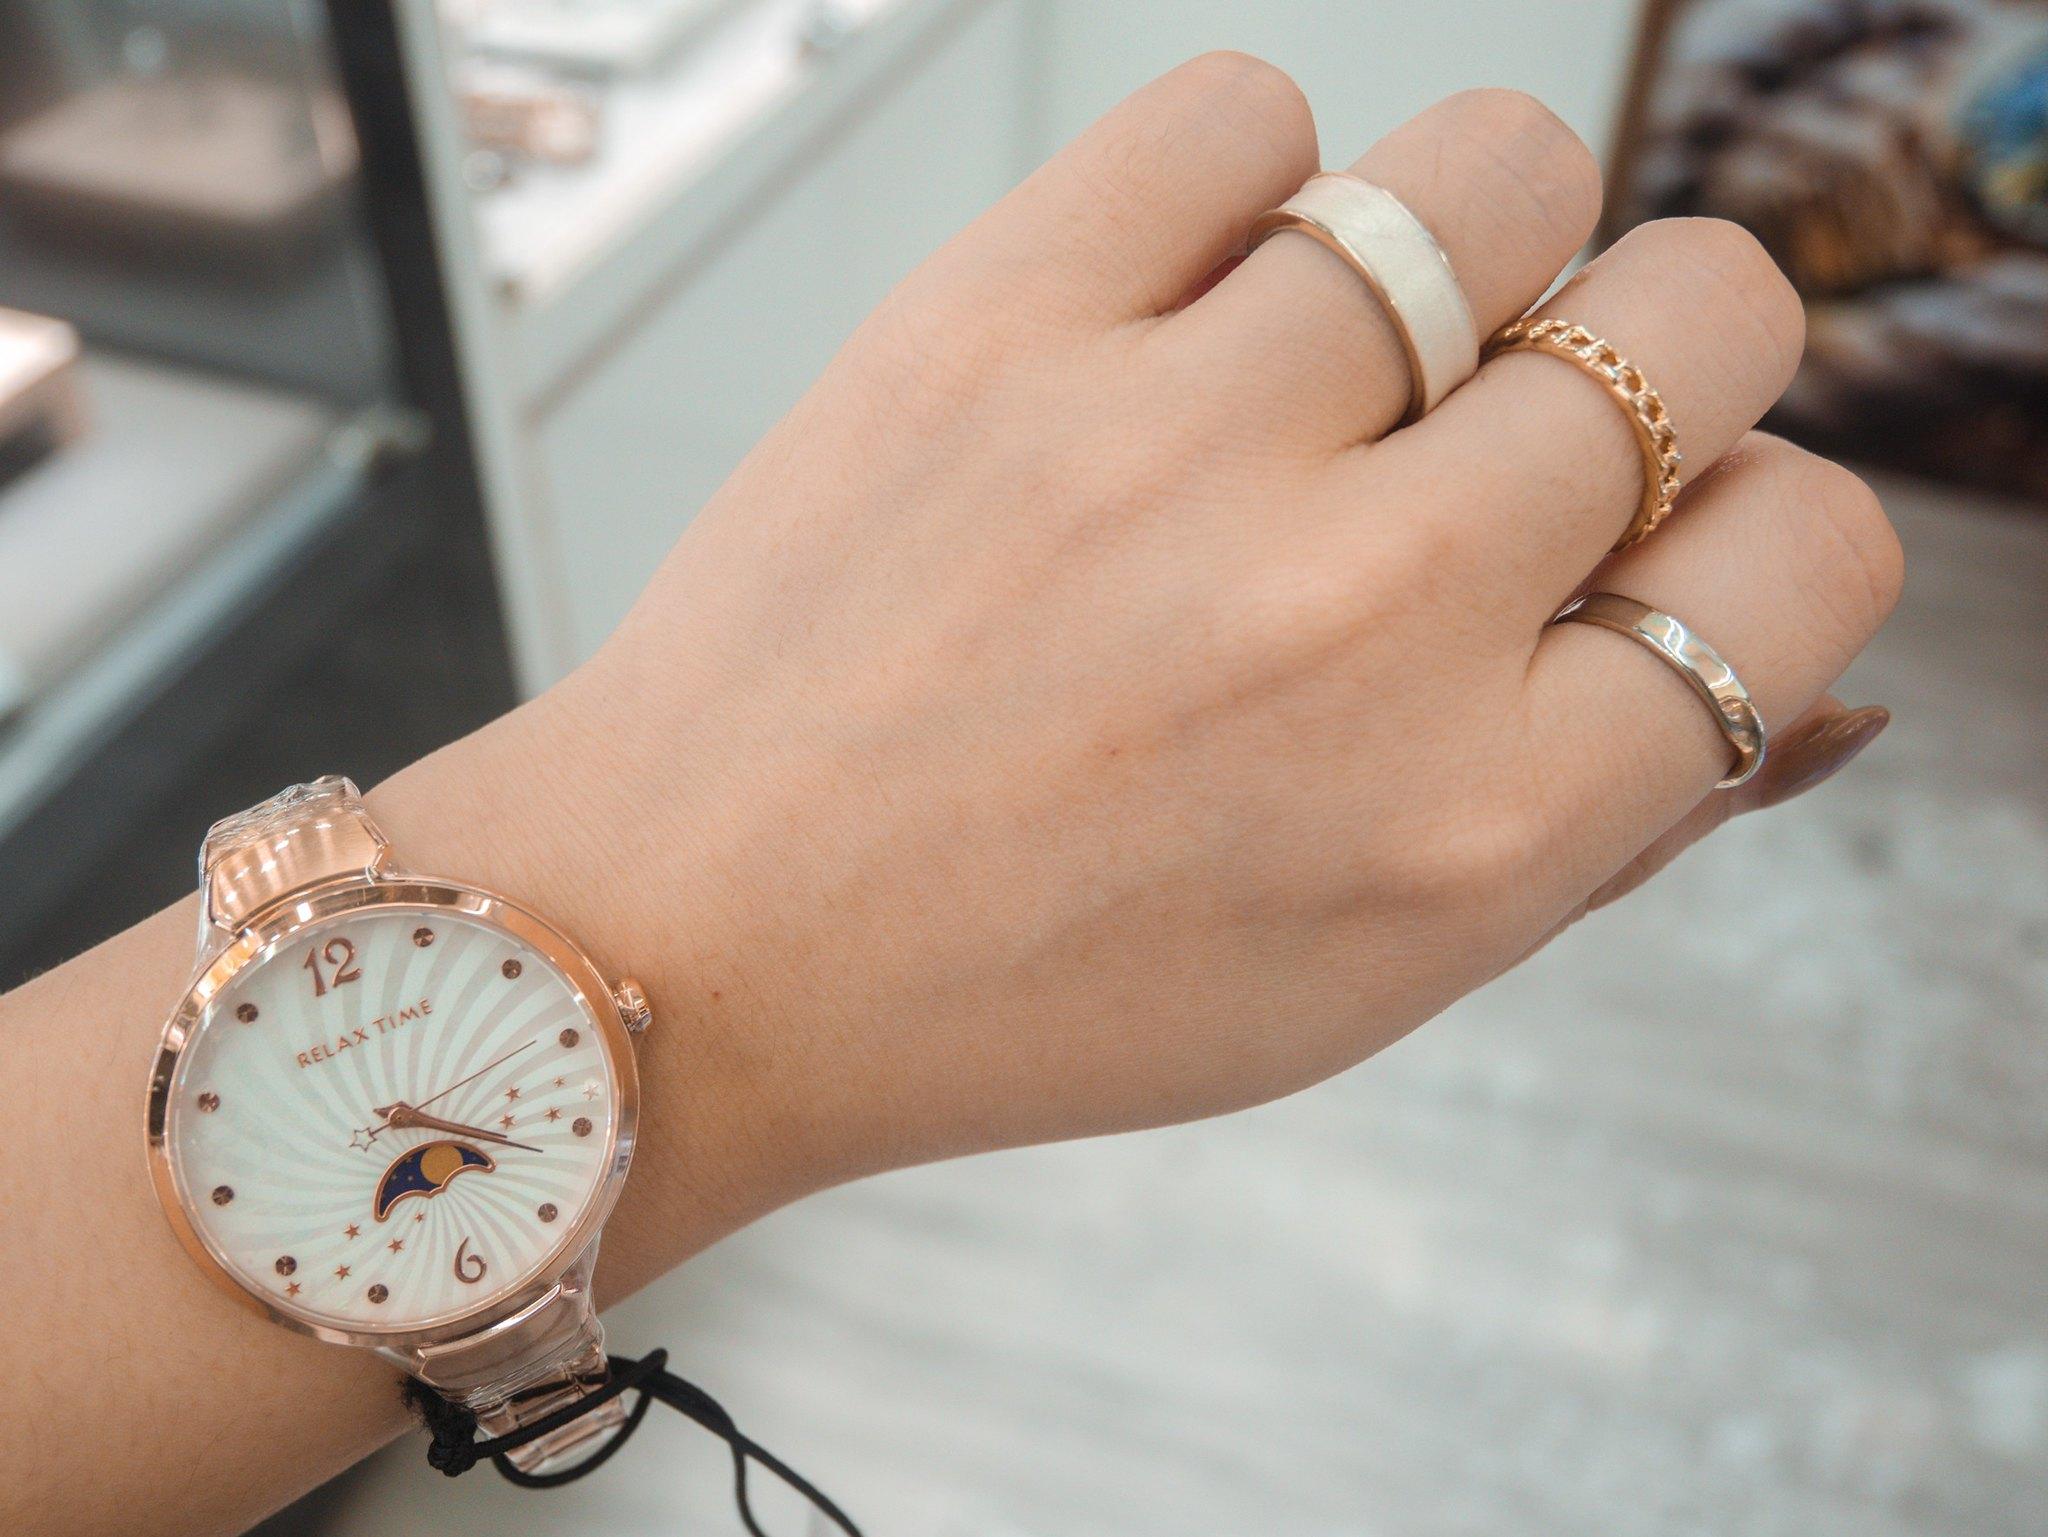 高雄鐘錶專賣店|港都春天鐘錶。全公司貨完整售後服務